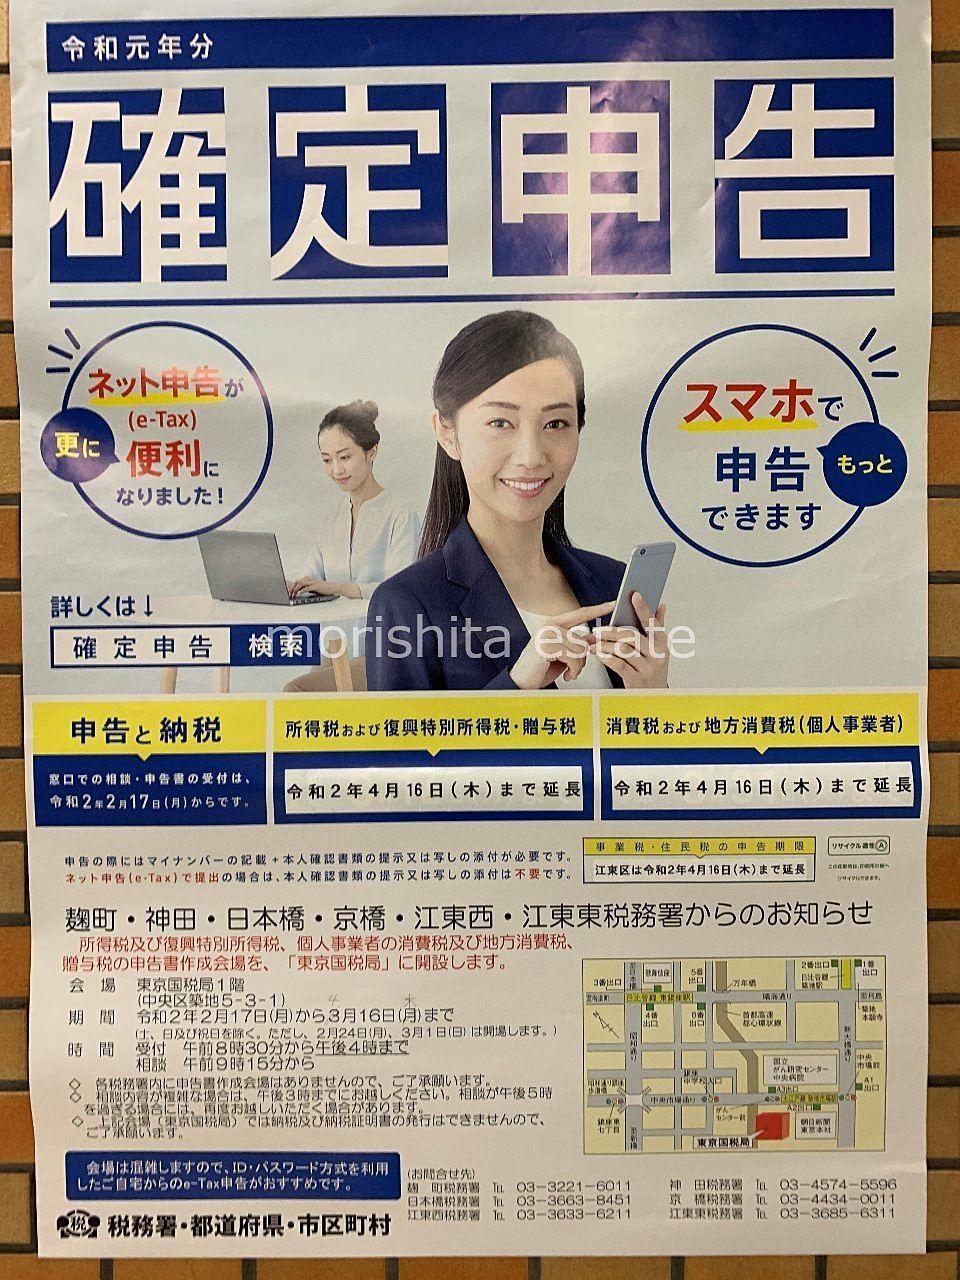 確定申告 東京国税局 簡単 スマホ申告 写真